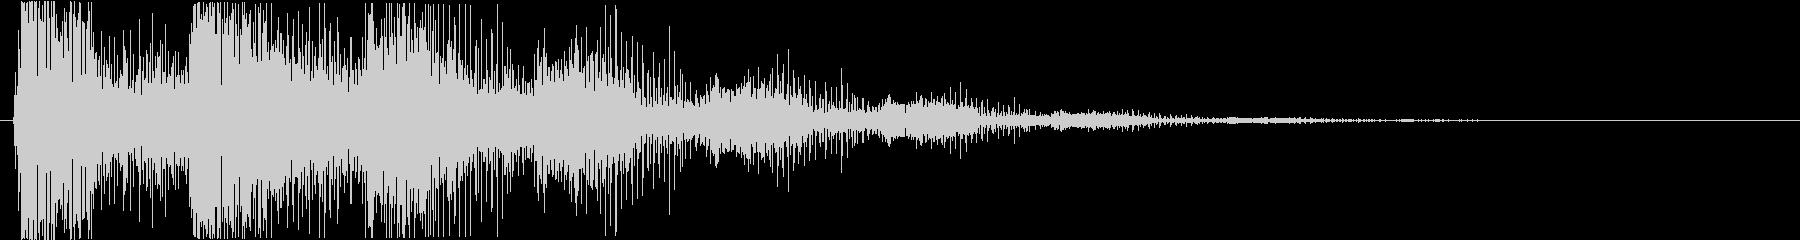 プッ:ラッパの音・失敗・バカにするの未再生の波形